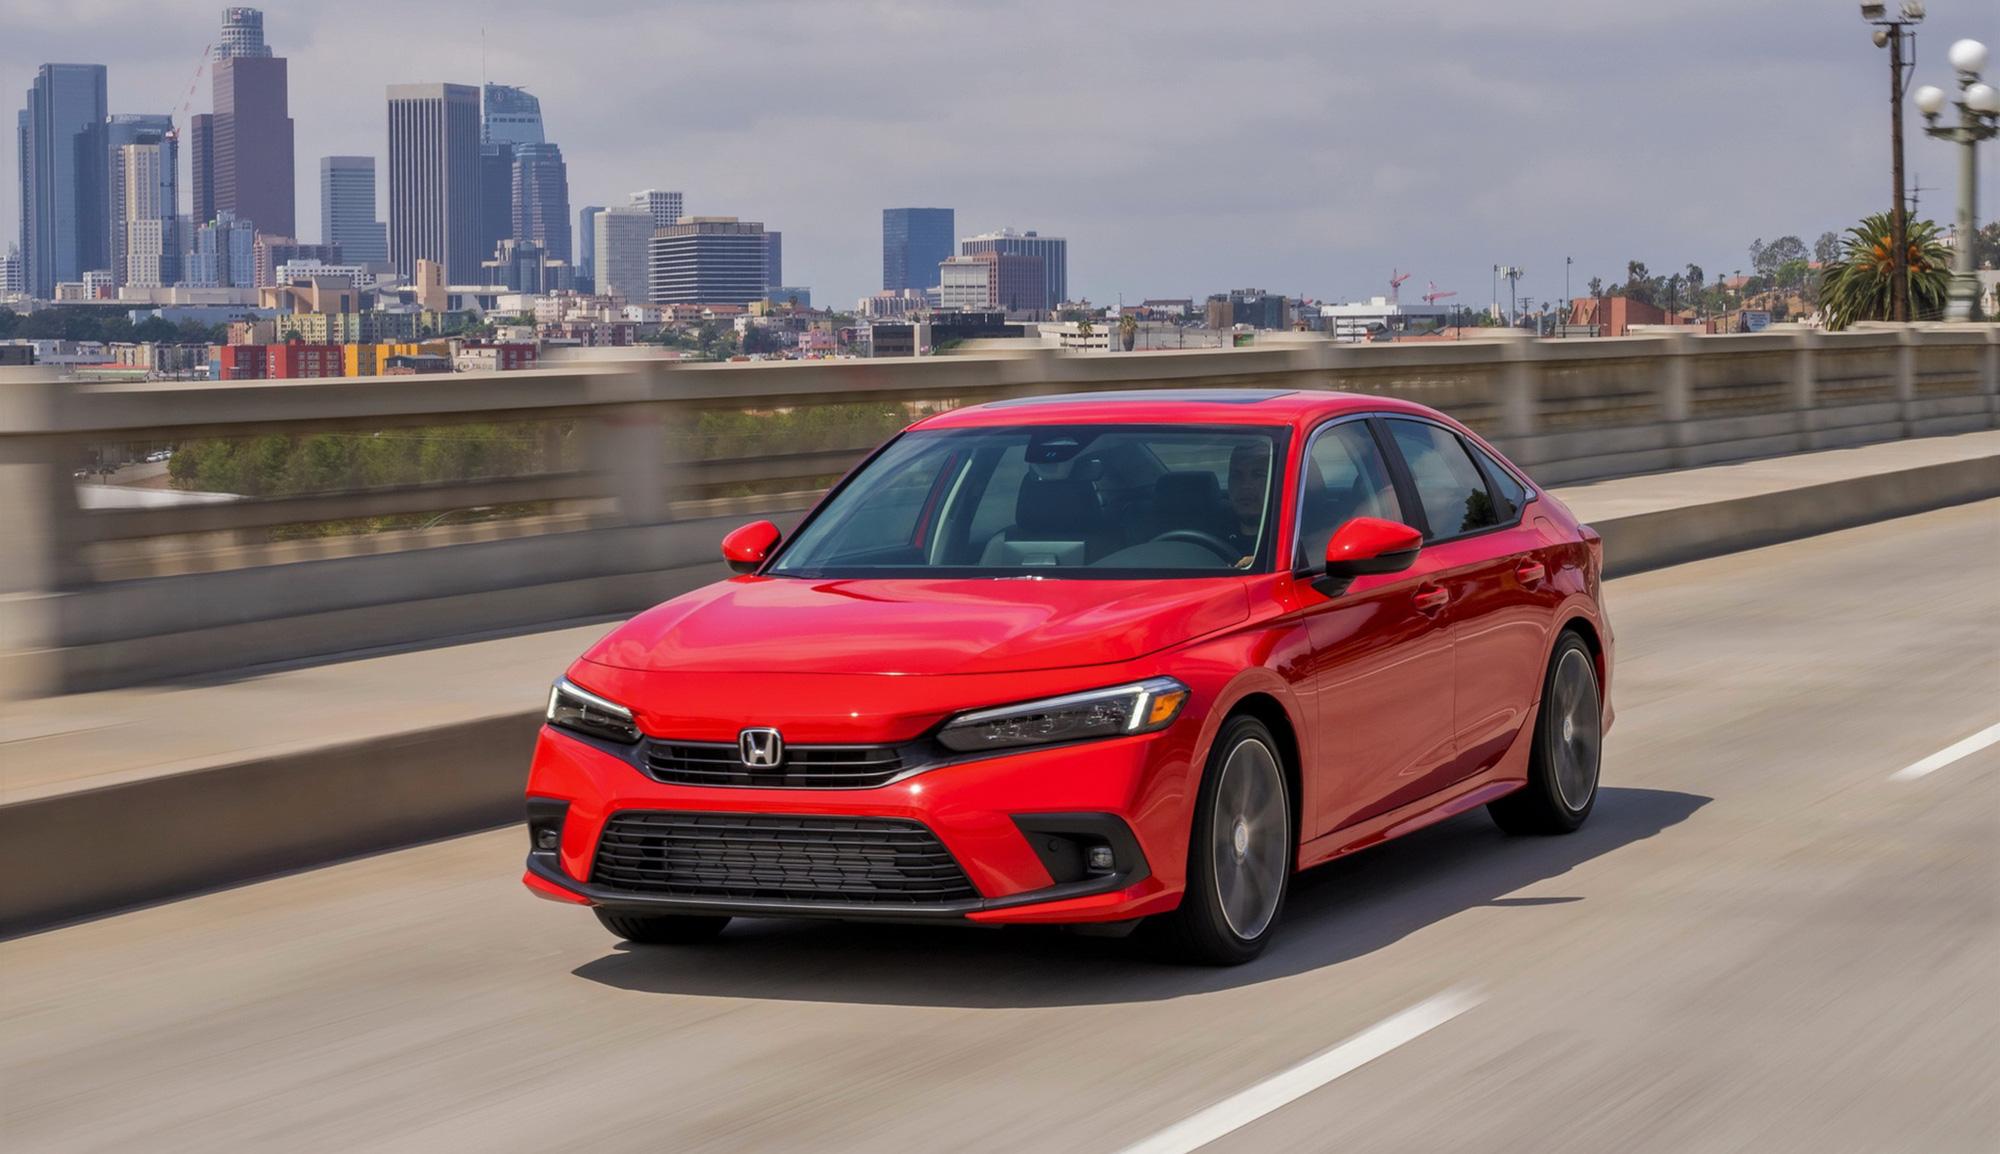 Sau 2 năm lăn bánh, Honda Civic RS có giá bao nhiêu? - Ảnh 4.